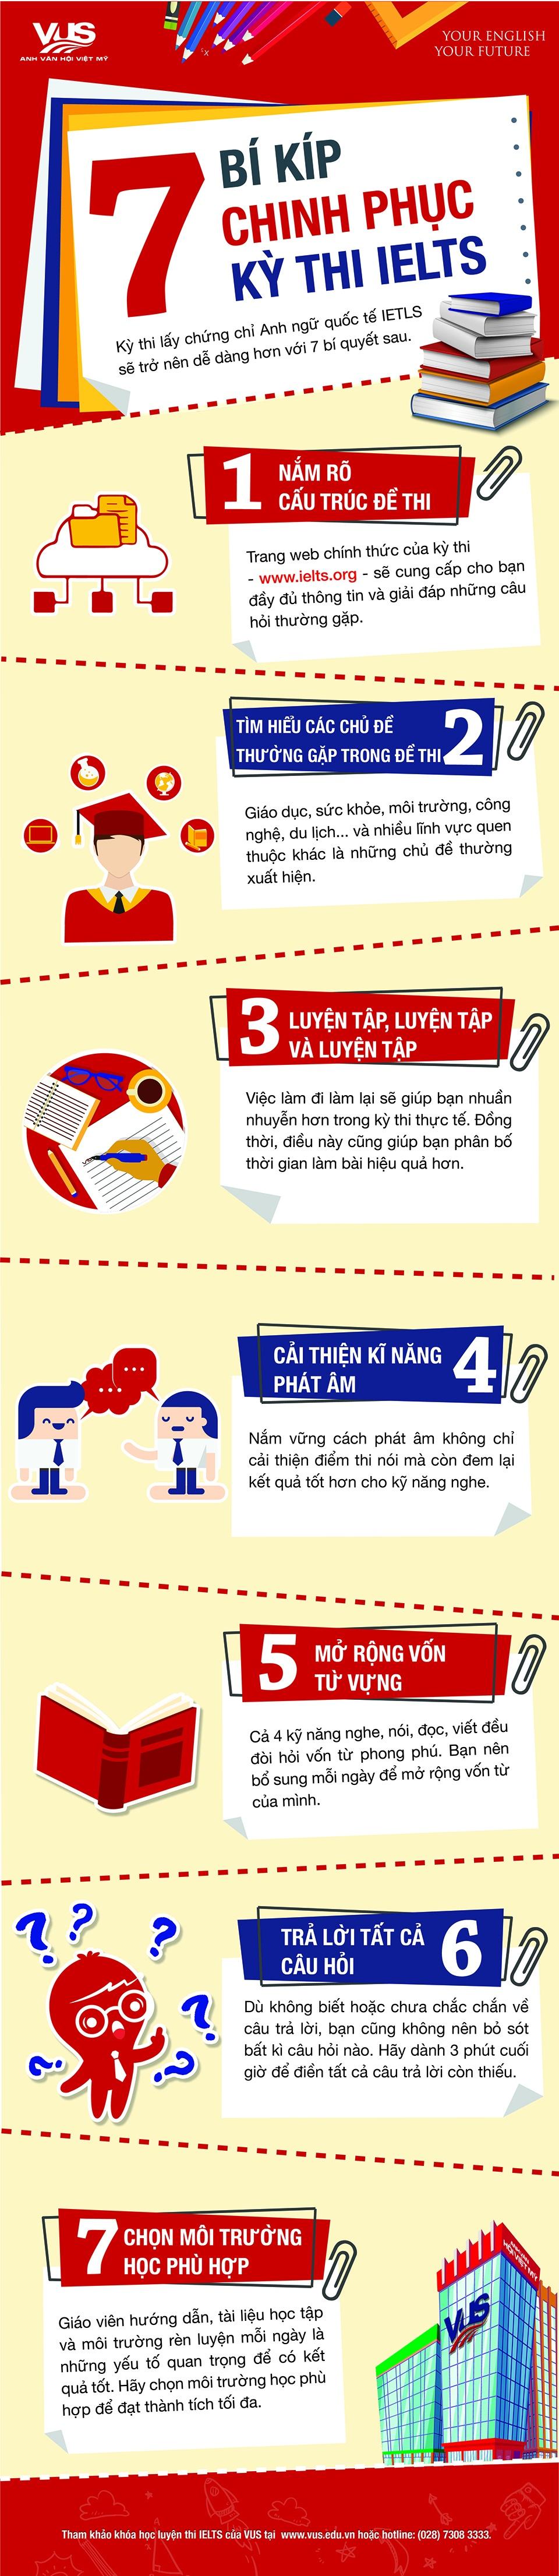 7 bi kip chinh phuc ky thi IELTS hinh anh 1